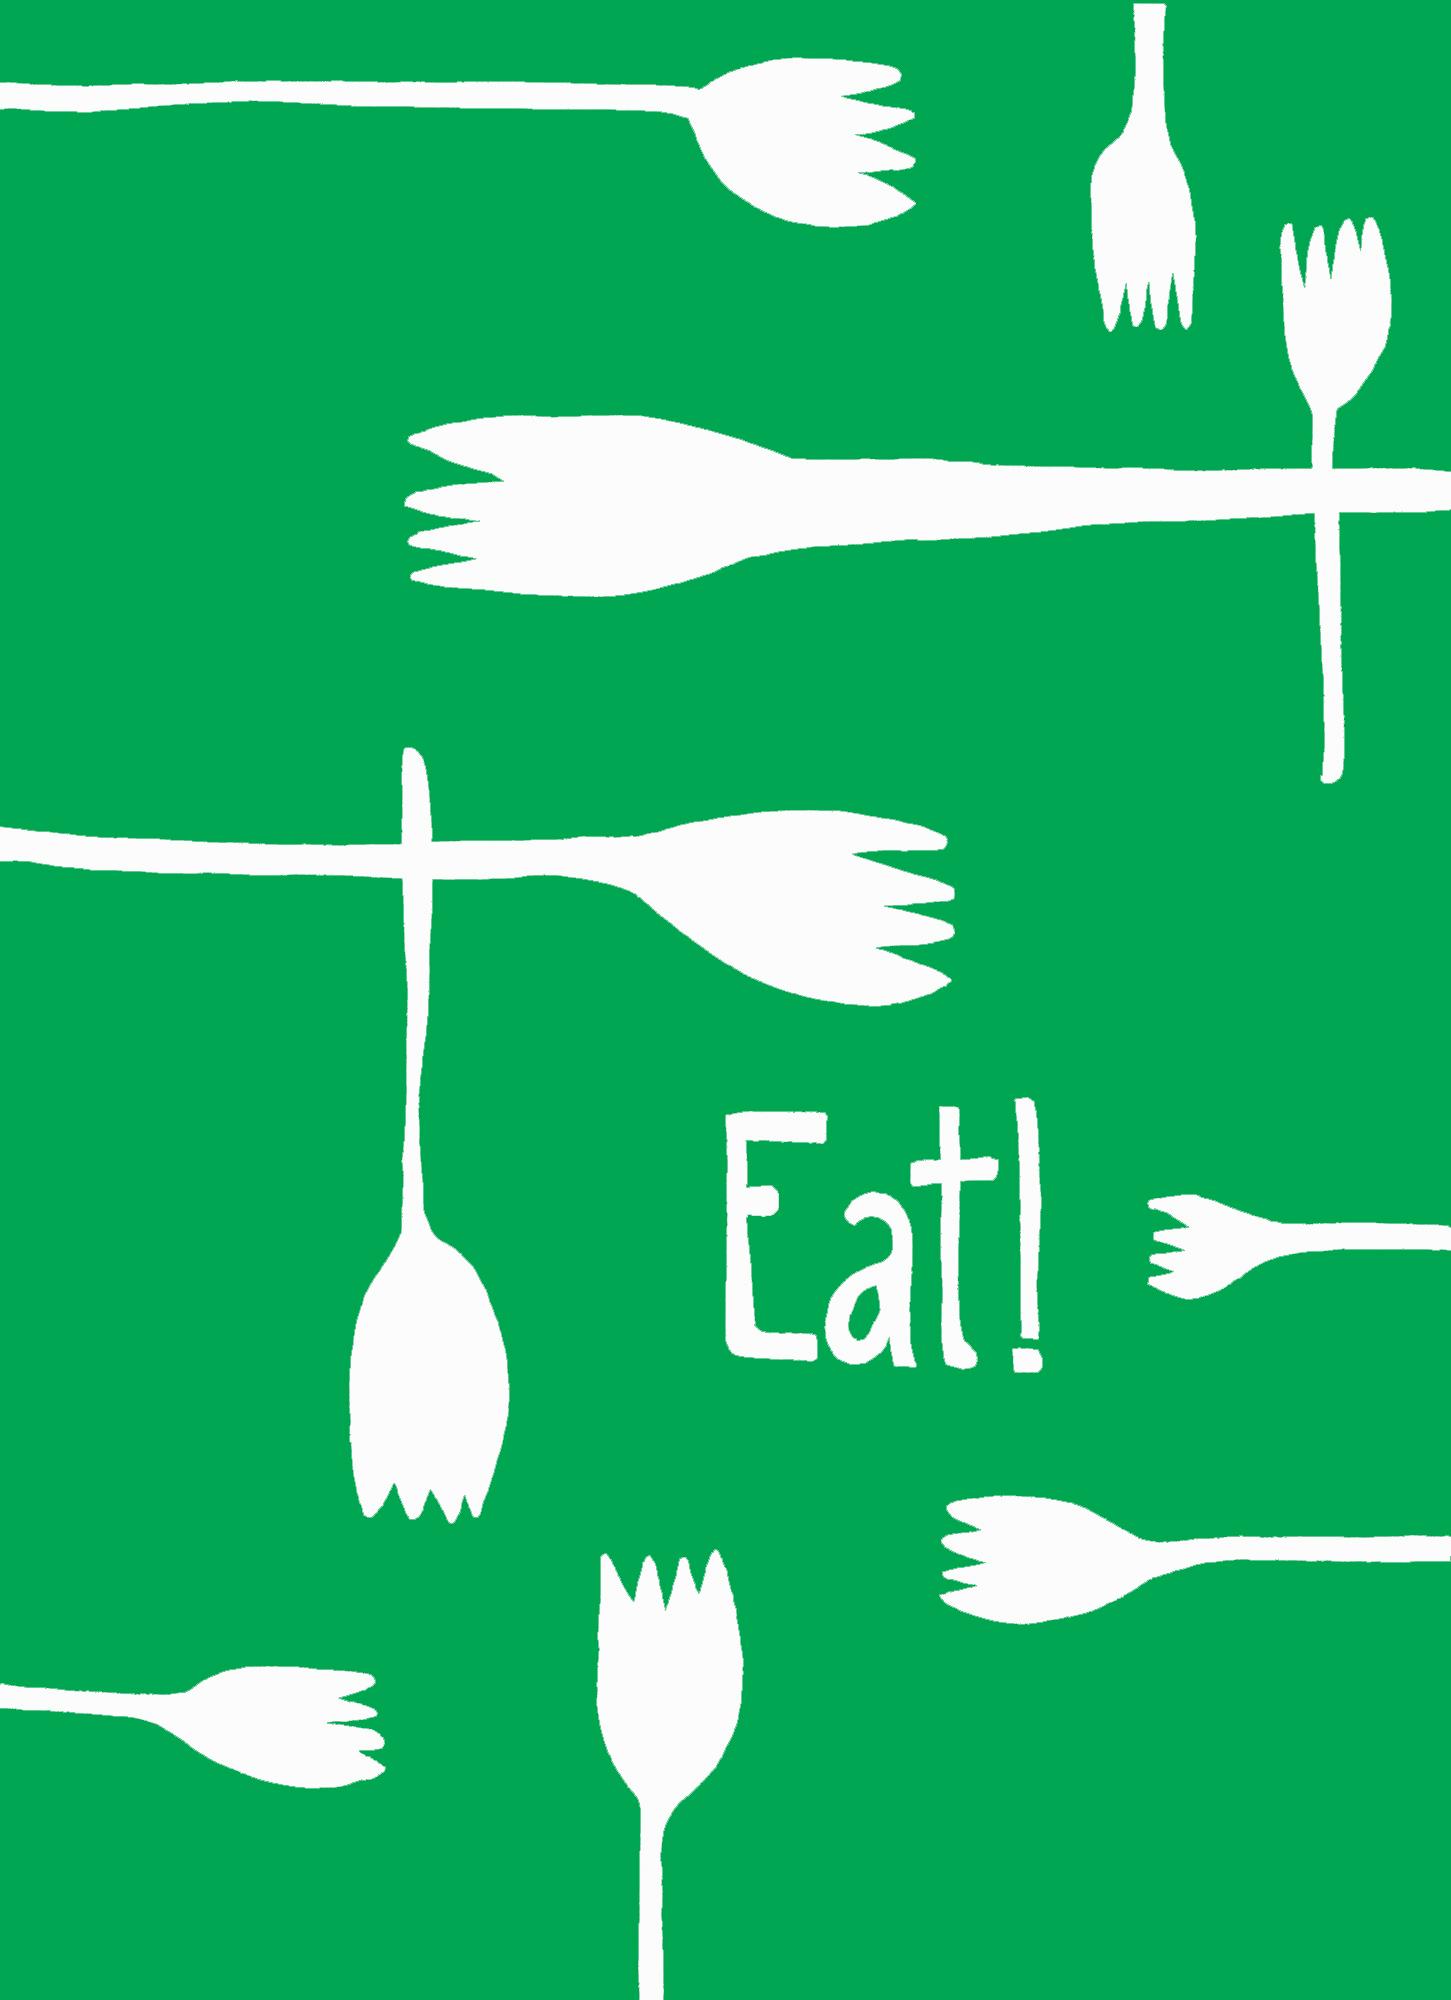 Green Forks Eat.jpg